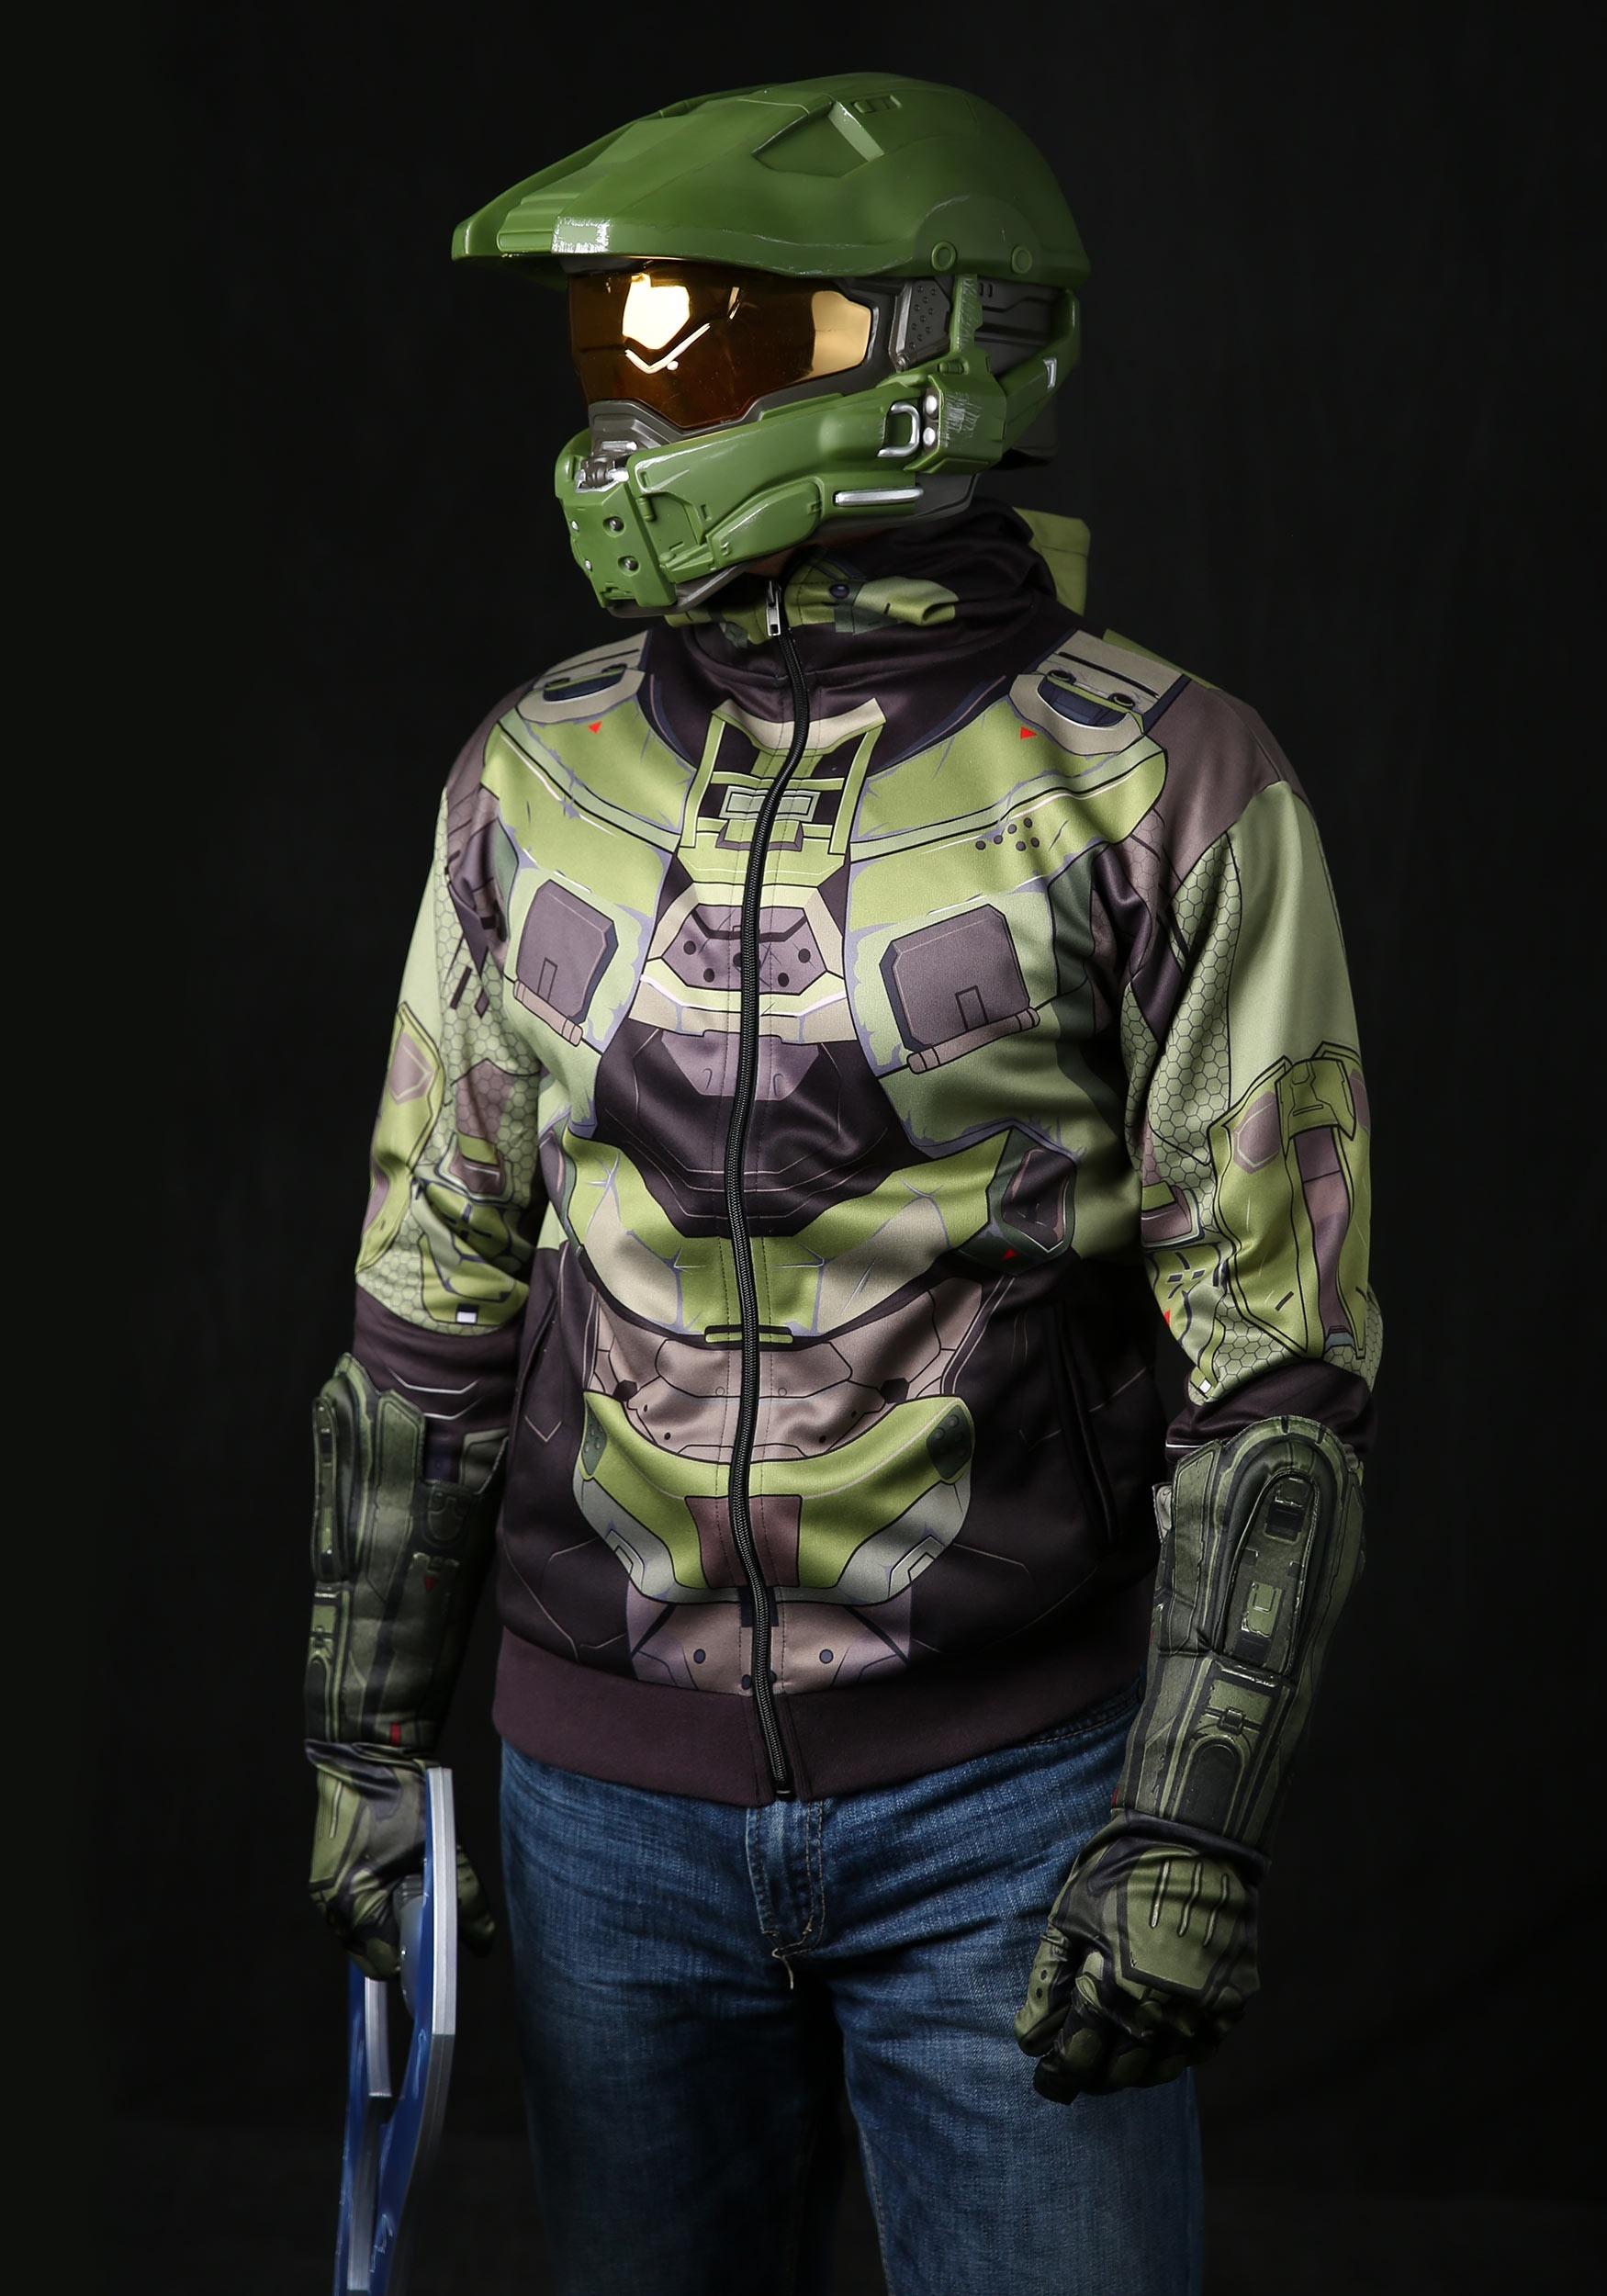 ... Adult Halo Master Chief Mjolnir Hoodie ... & Adult Halo Master Chief Costume Hoodie